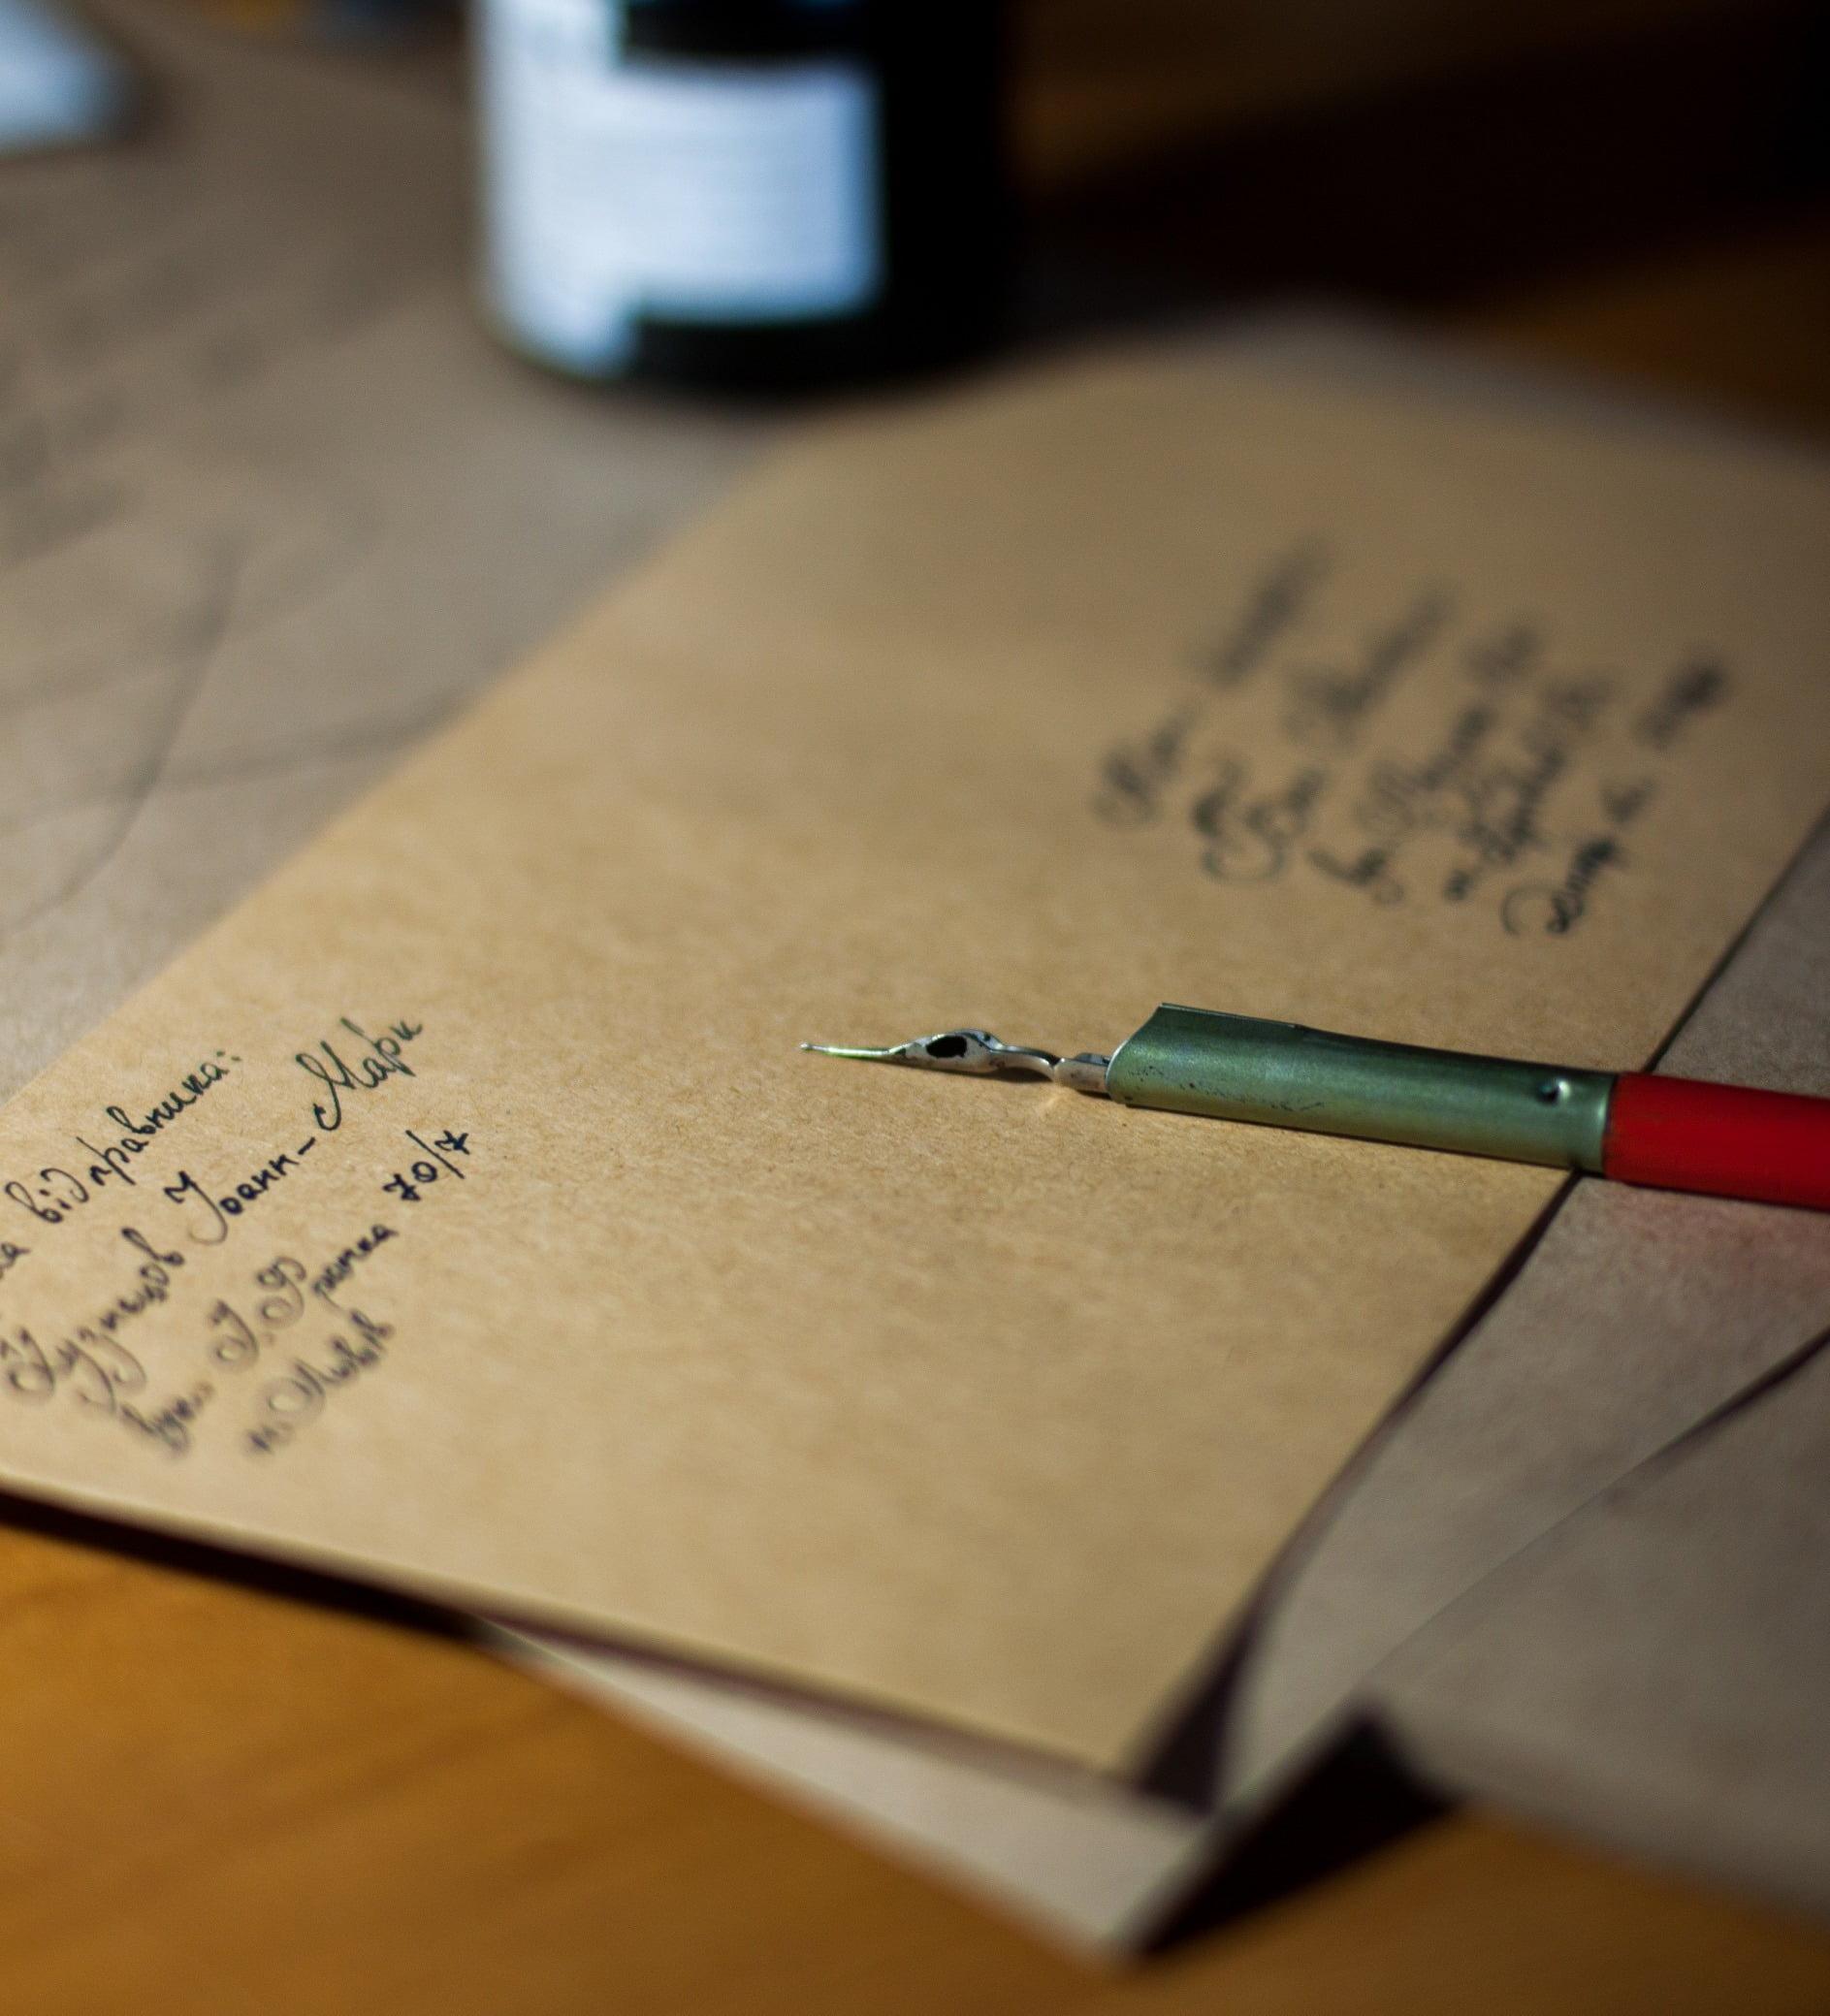 Jak zaadresować list? Jak poprawnie uzupełnić kopertę?